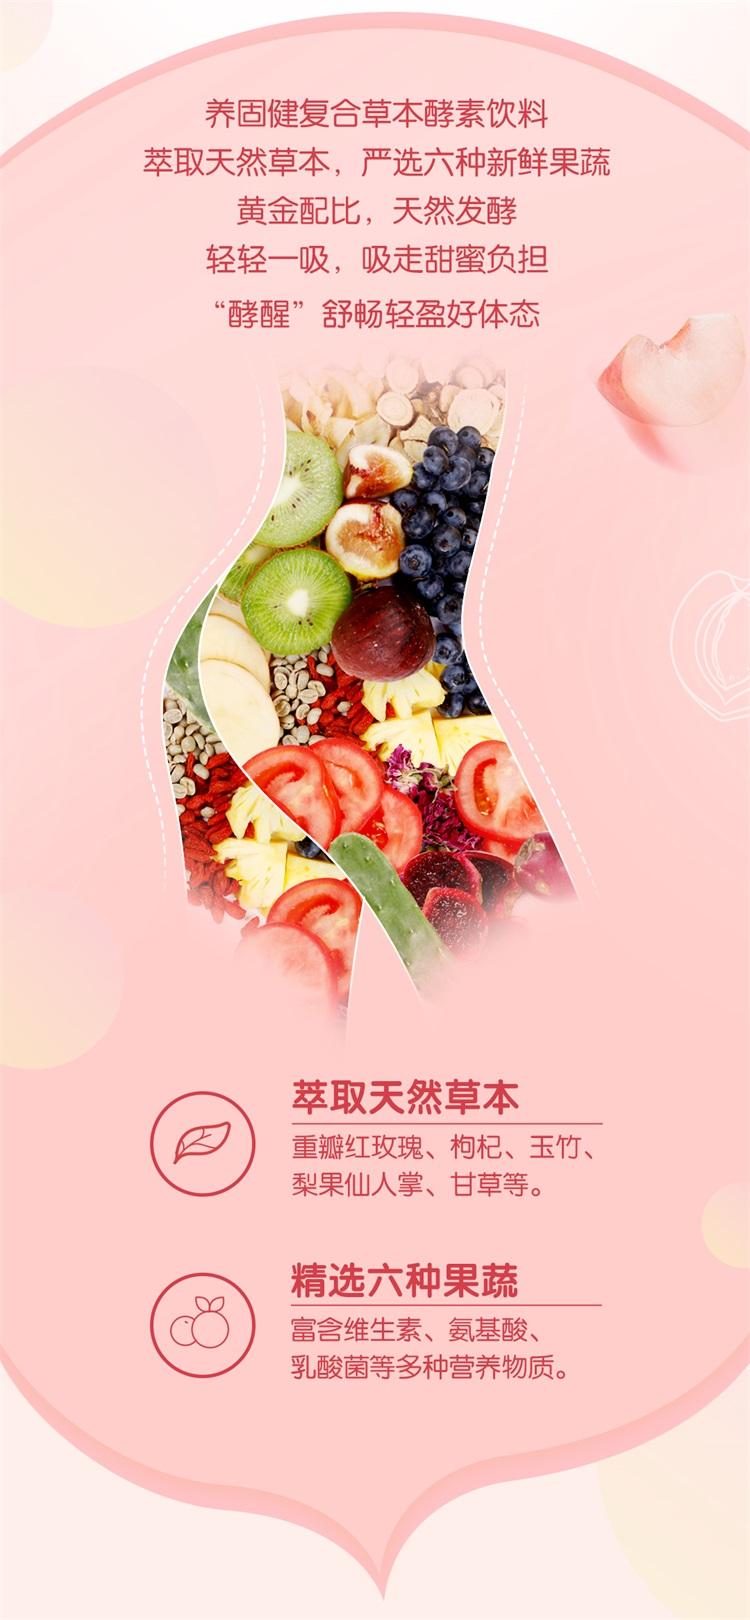 养固健长图文0922-2_04